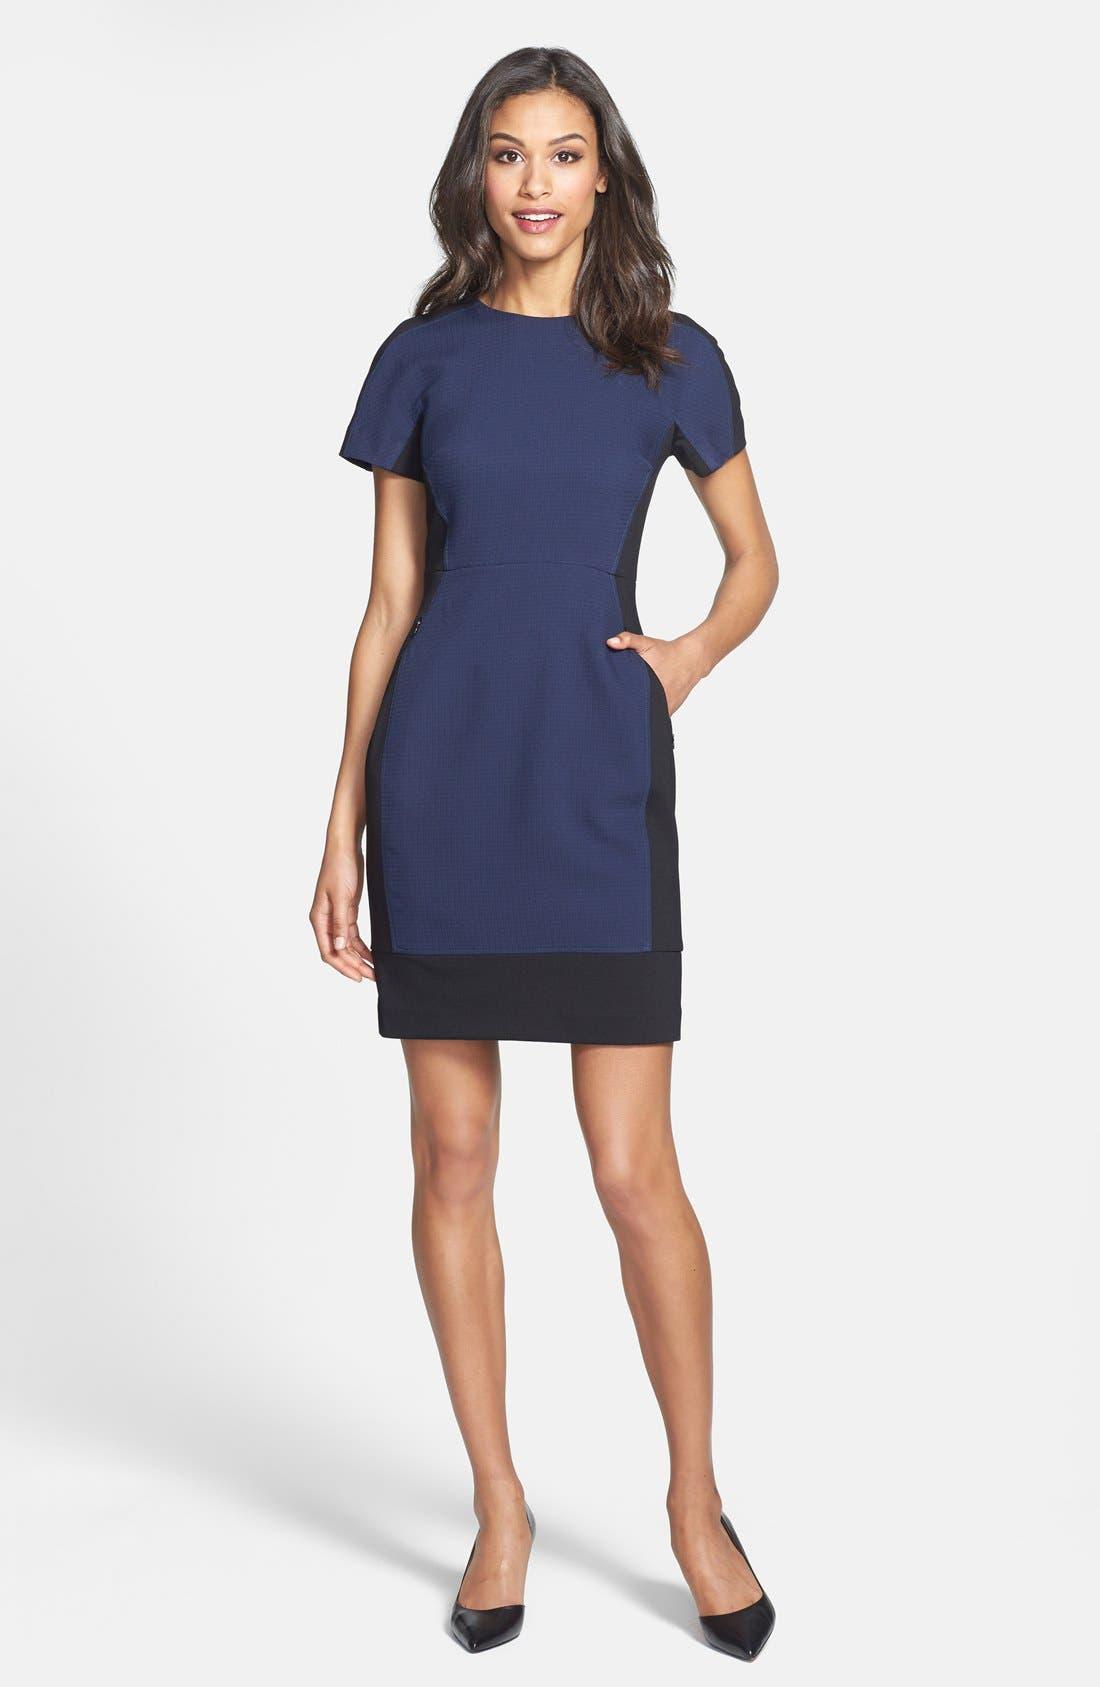 Main Image - Halogen® Colorblock Mixed Media Sheath Dress (Regular & Petite)